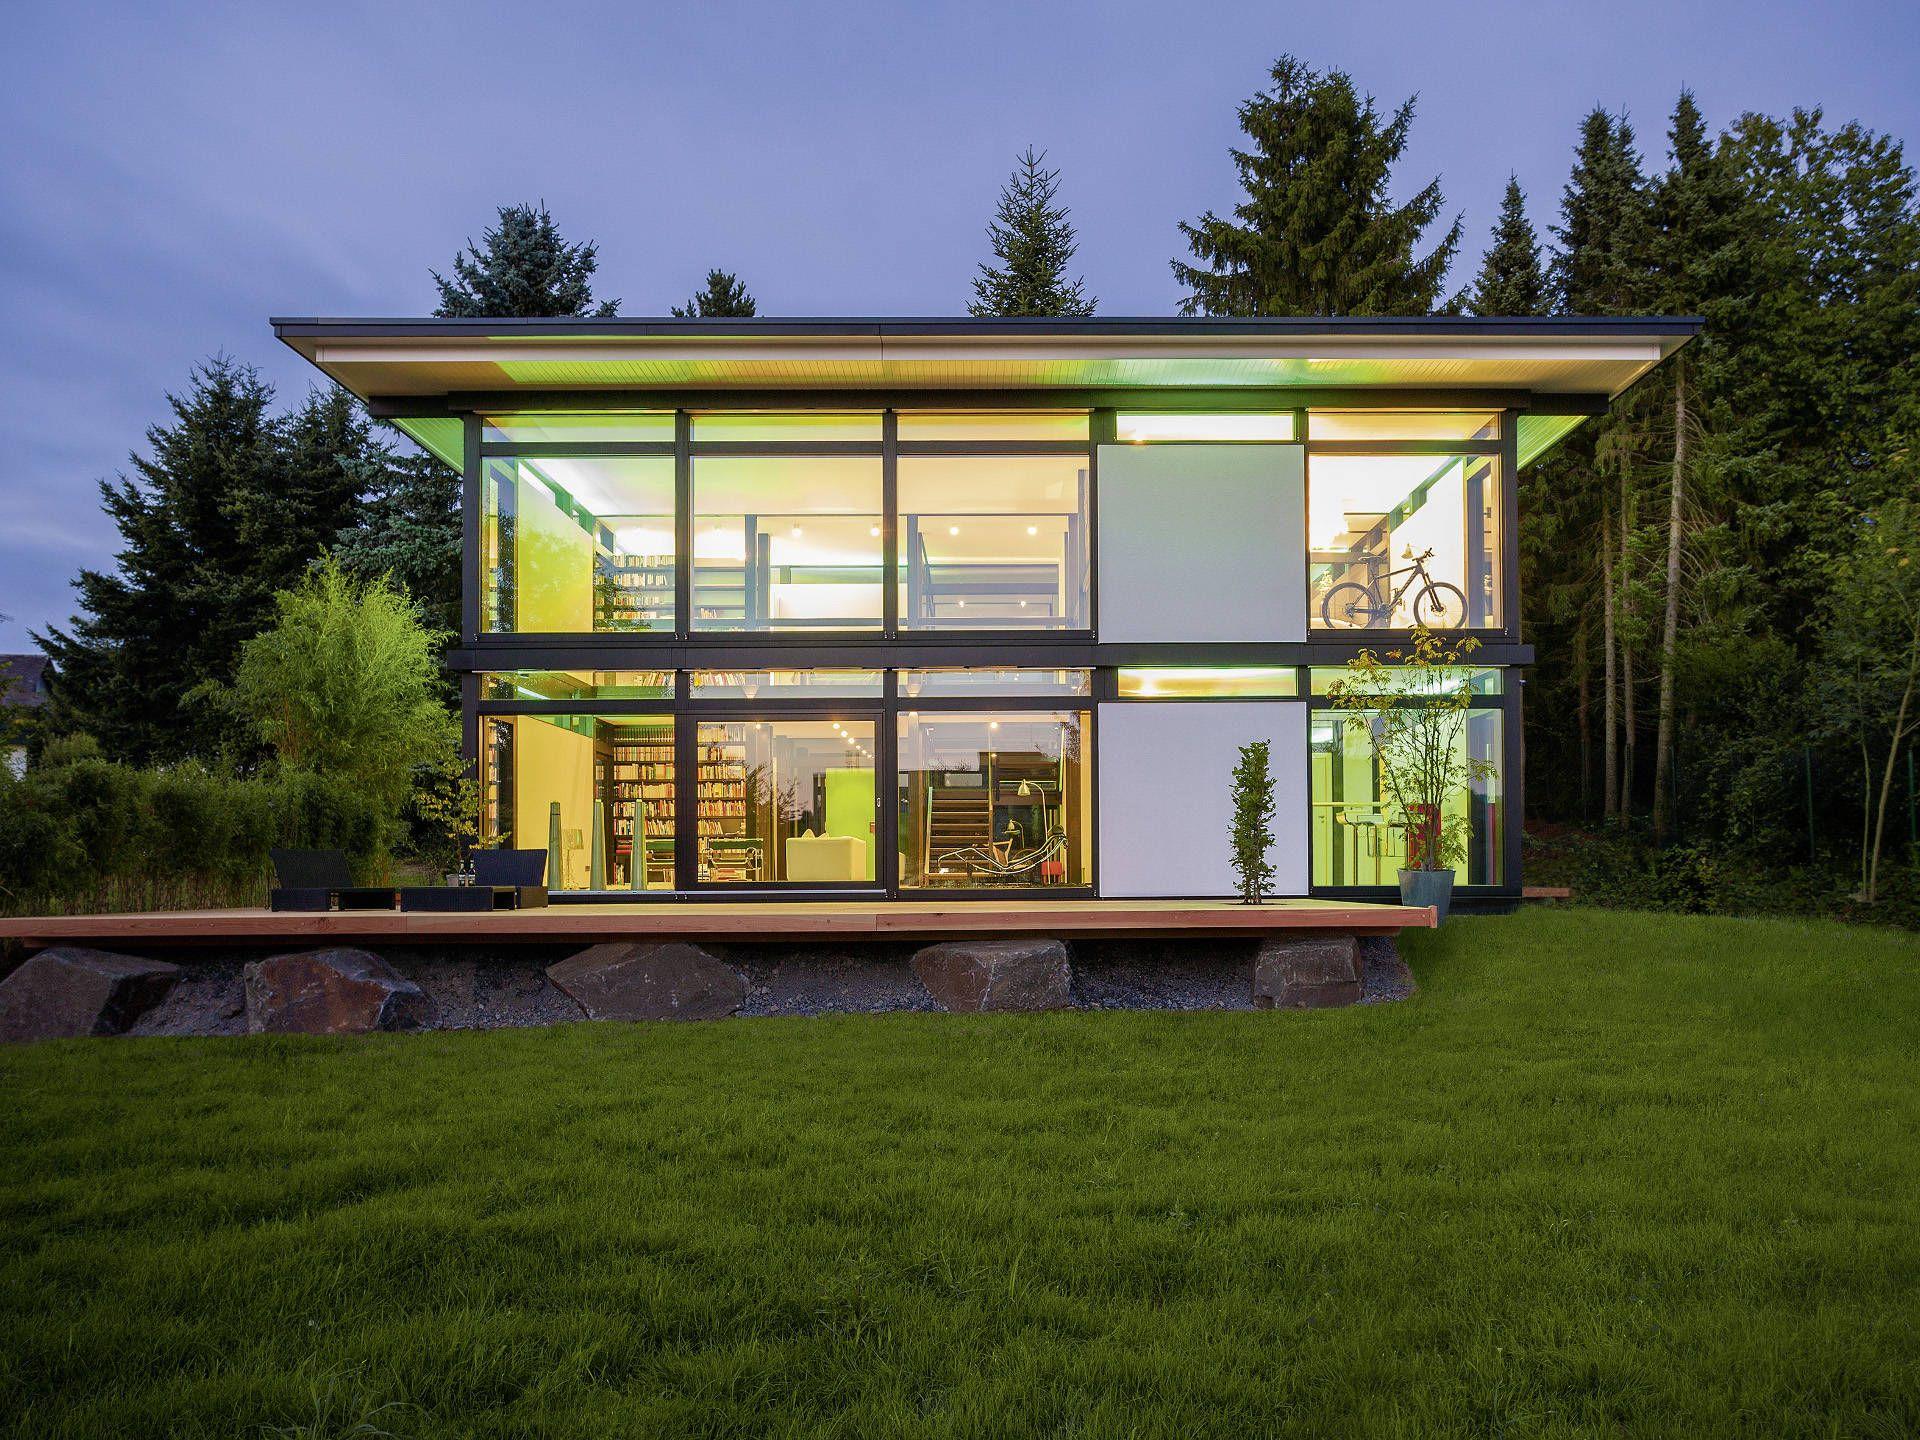 Modernes holzhaus flachdach  HUF Haus modum: 7:10 mit Flachdach • Fachwerkhaus von HUF HAUS ...